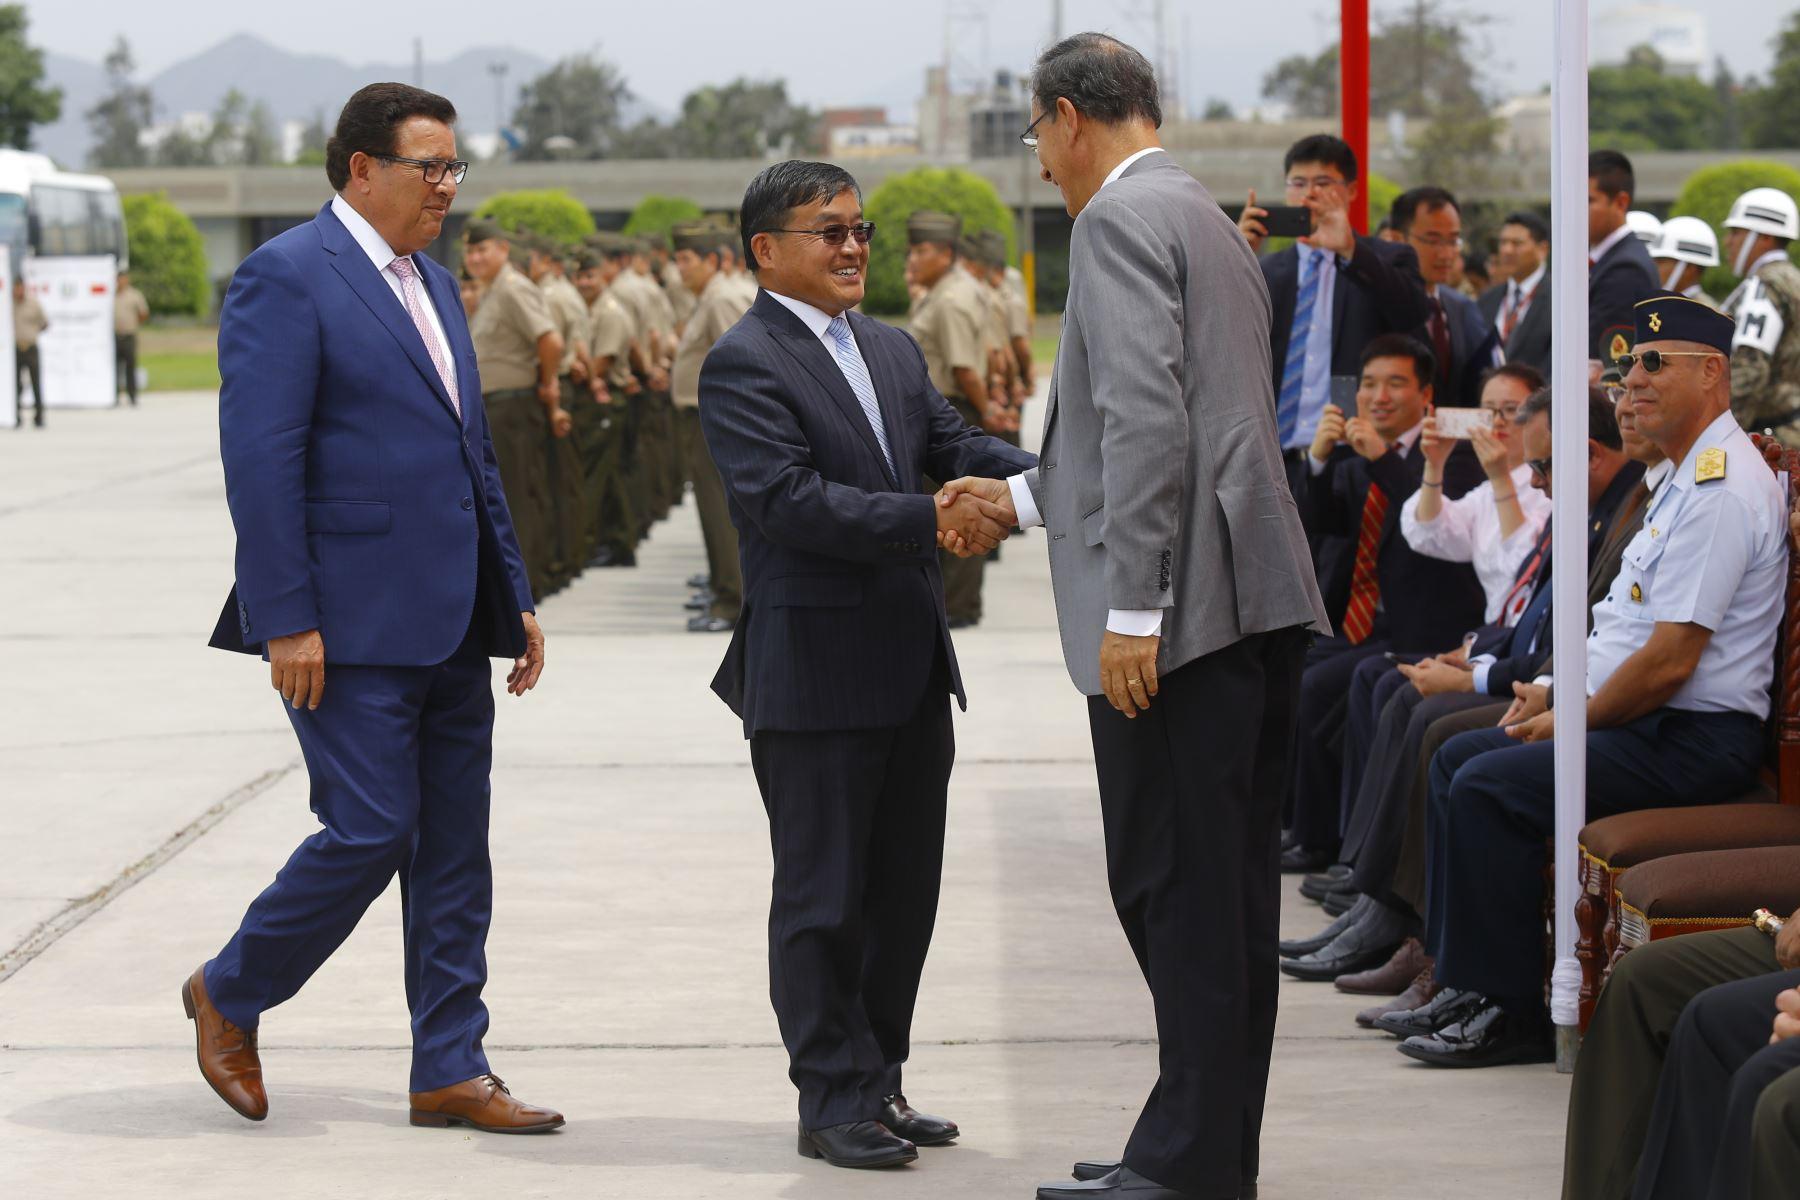 Jefe de Estado participa en la ceremonia de entrega de donación de la República Popular China a las Fuerzas Armadas. Foto: ANDINA/Prensa Presidencia